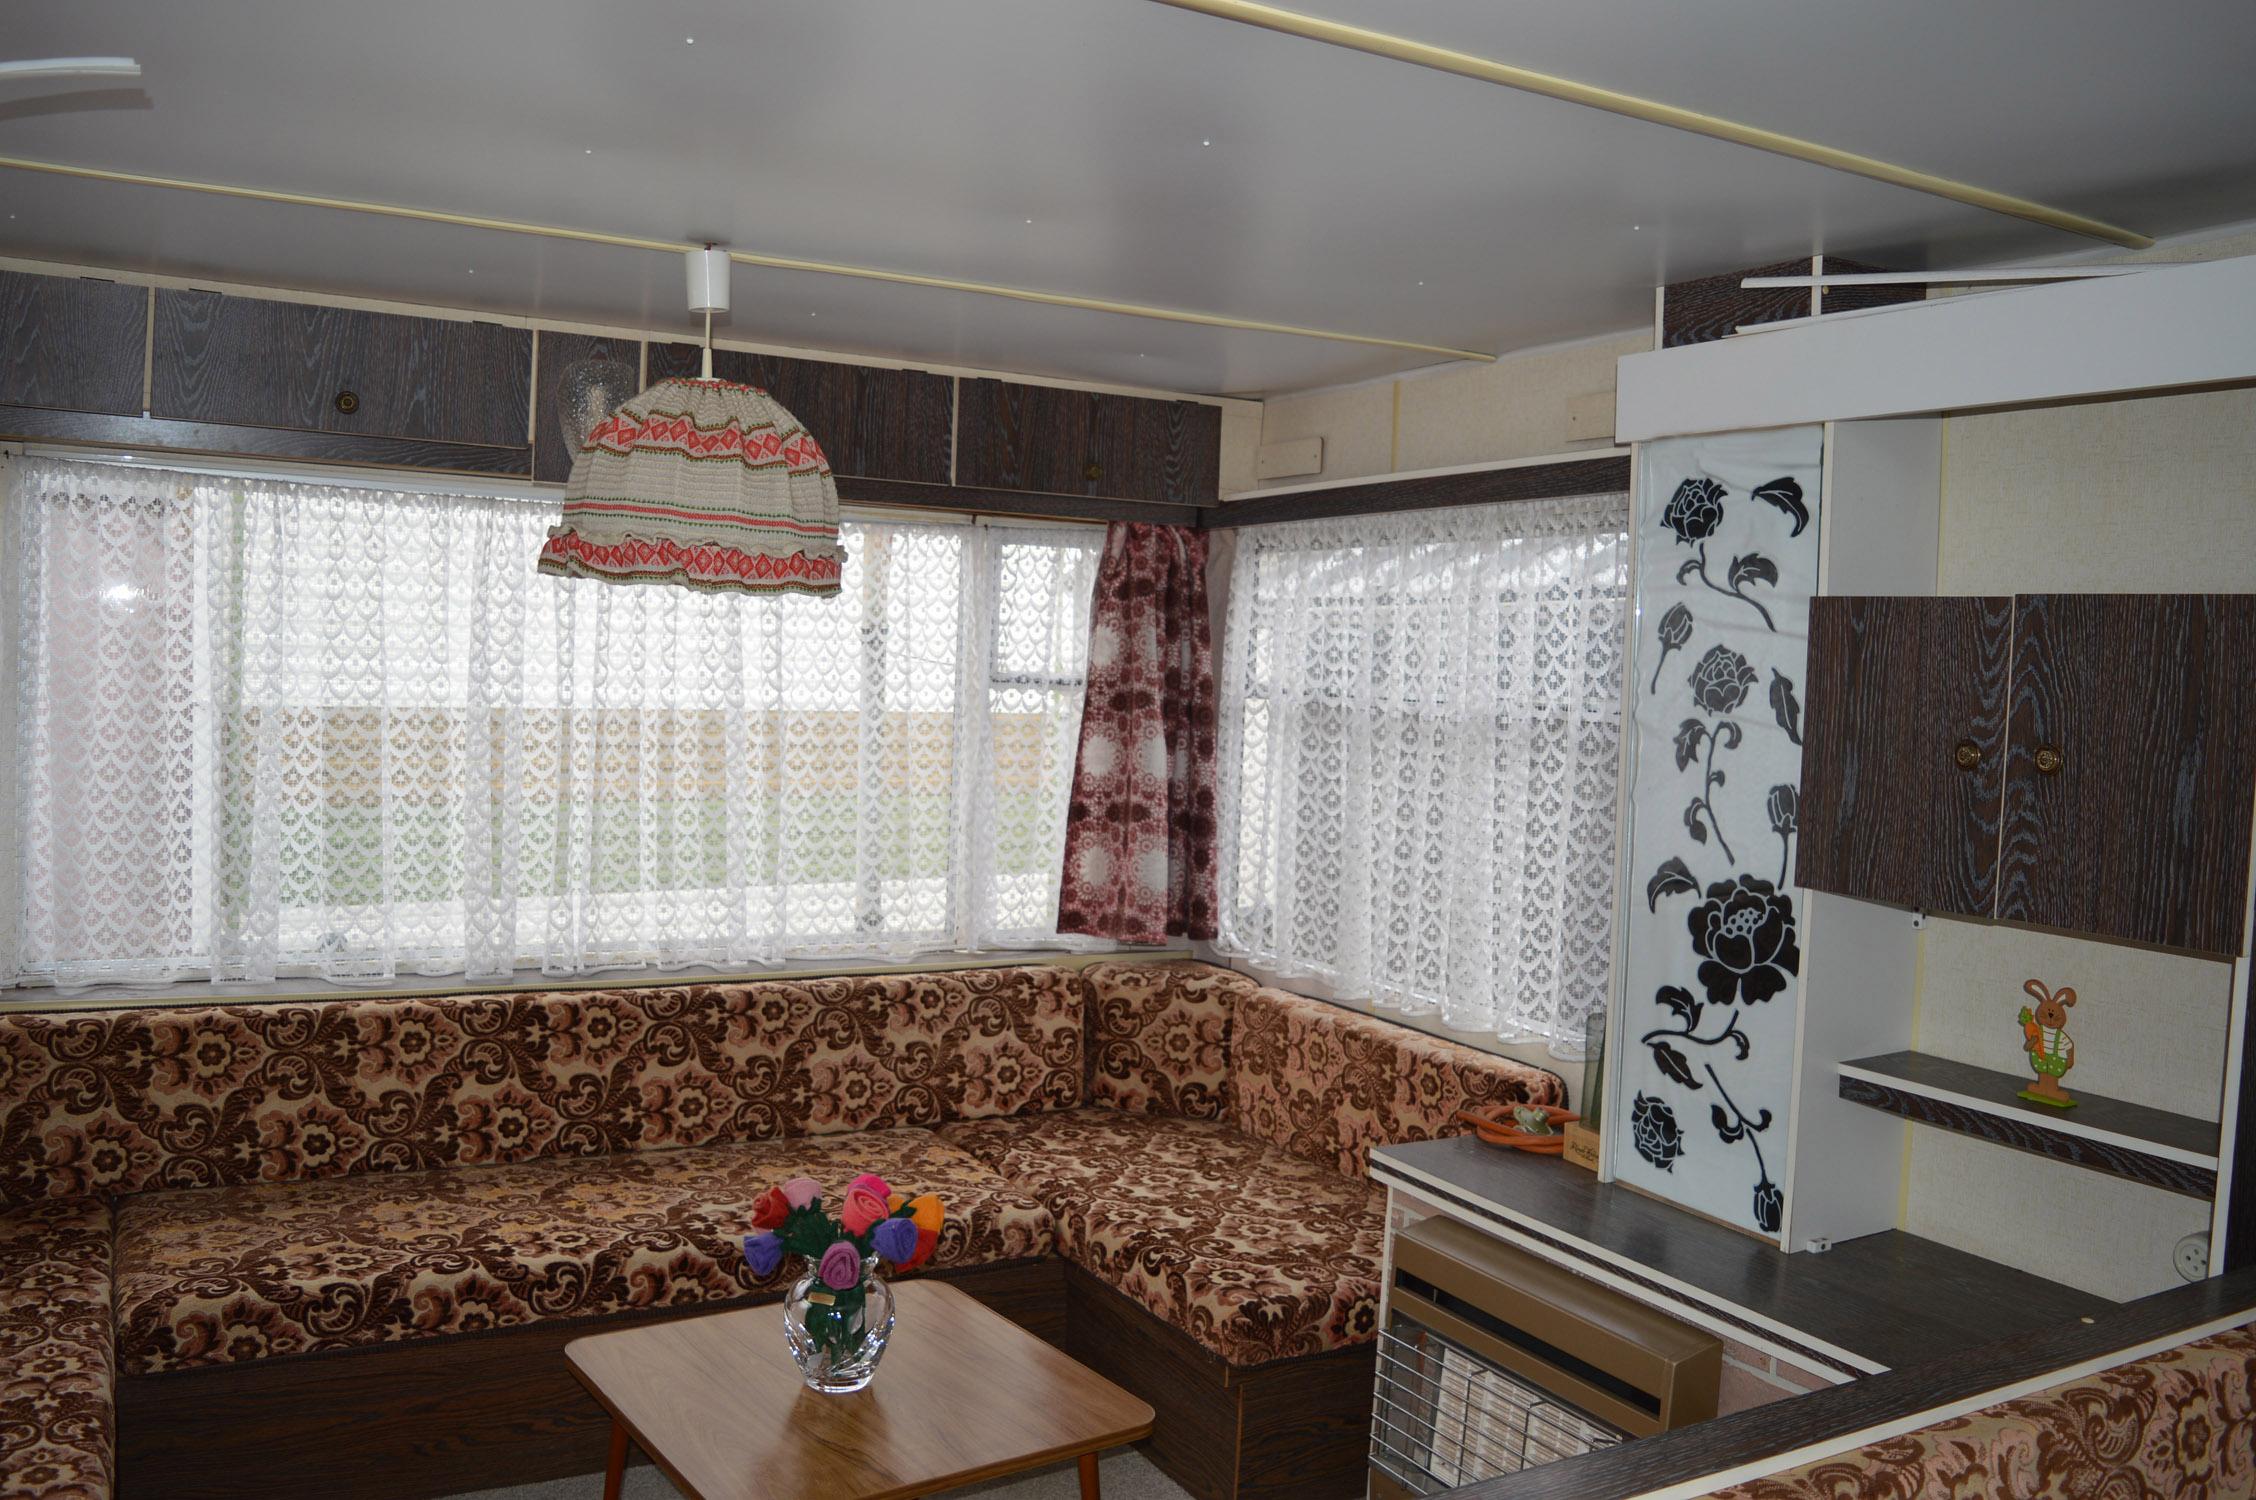 verkauf feststehenden wohnwagen mit anbau bad d rrheim sunthauser see in villingen schwenningen. Black Bedroom Furniture Sets. Home Design Ideas